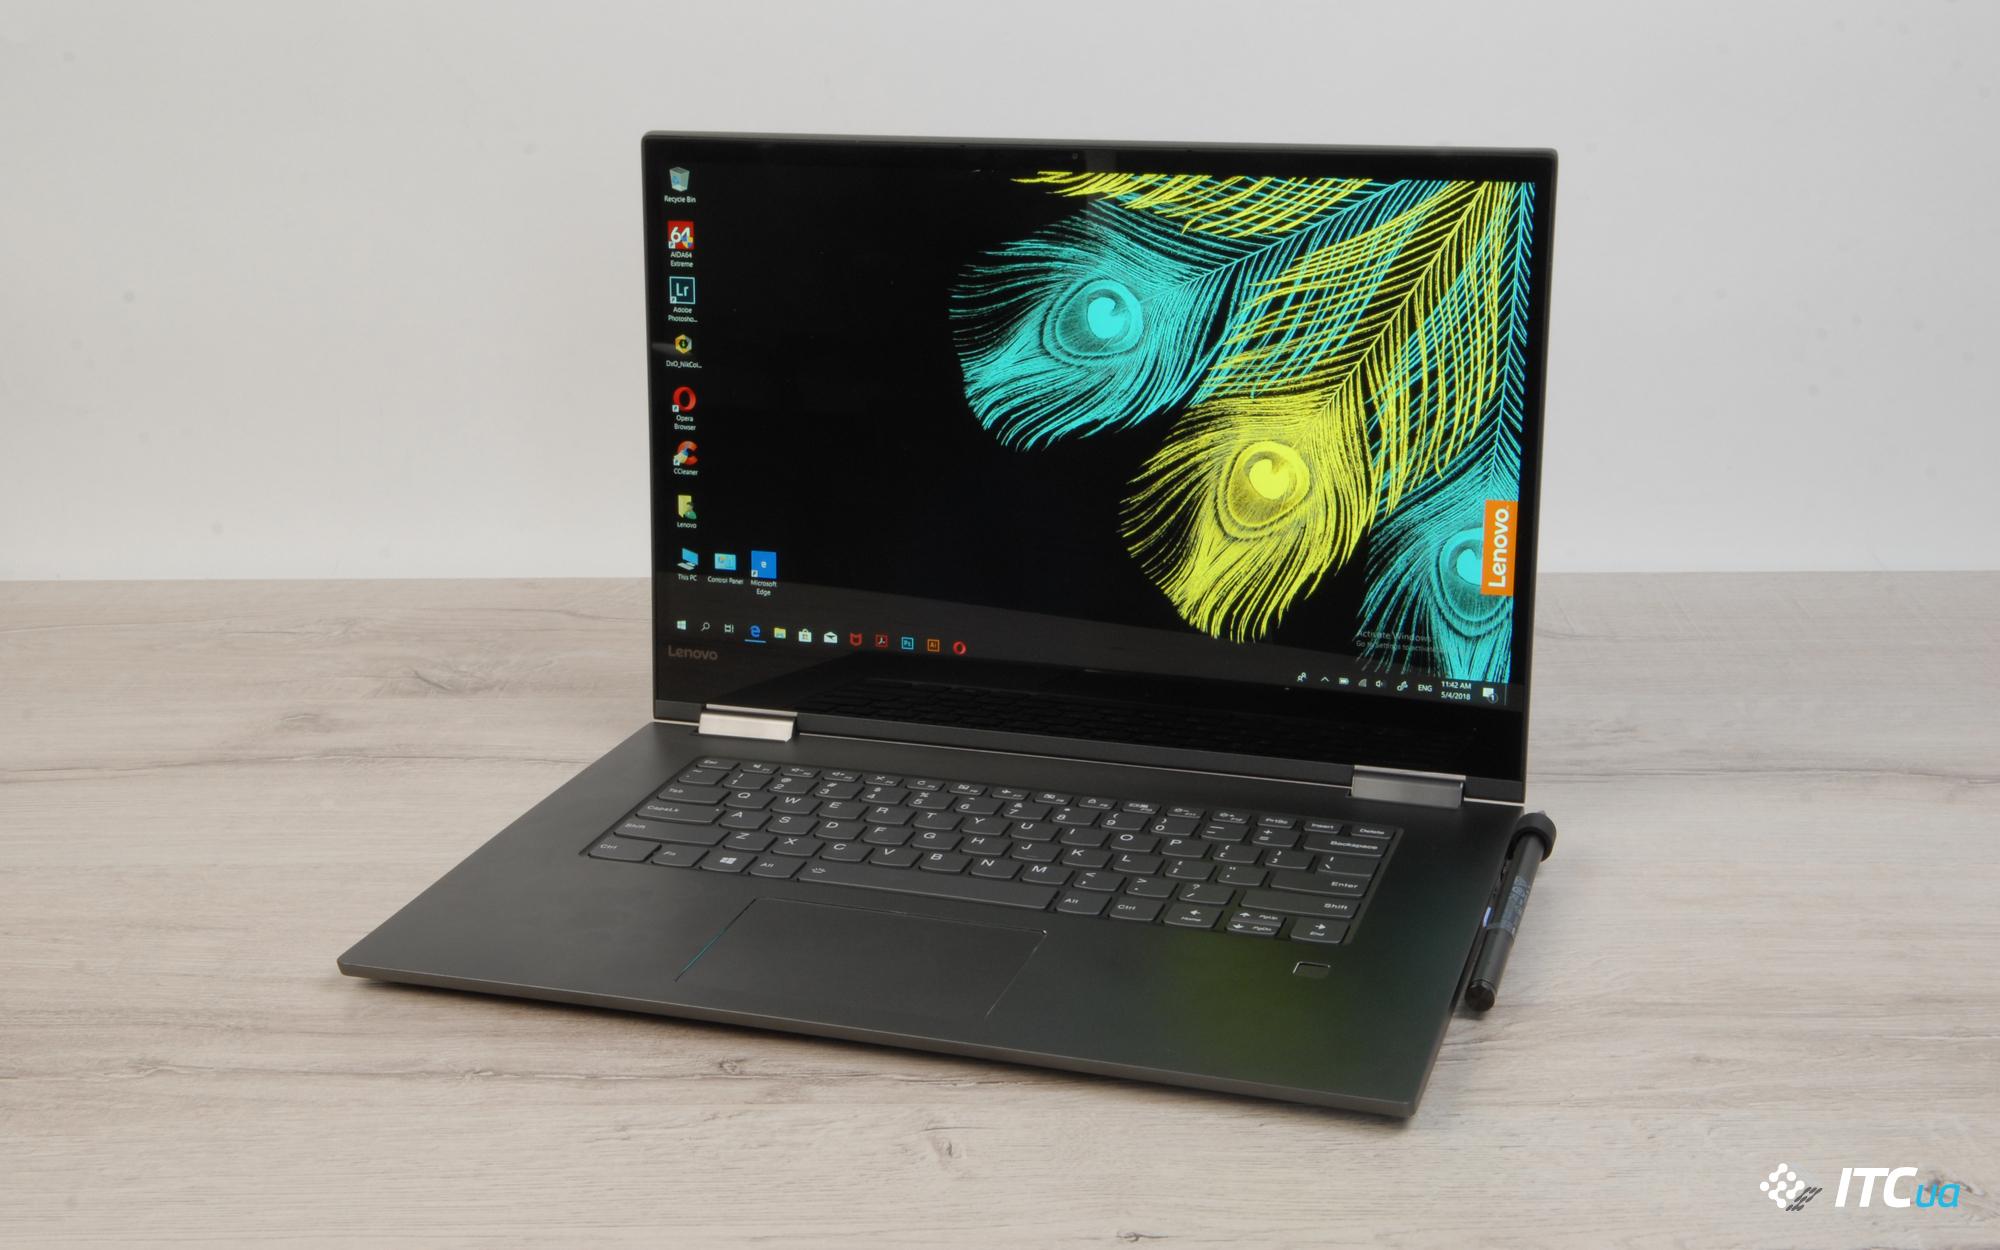 ca4987e3bdfc Обзор Lenovo Yoga 730-15 - ITC.ua